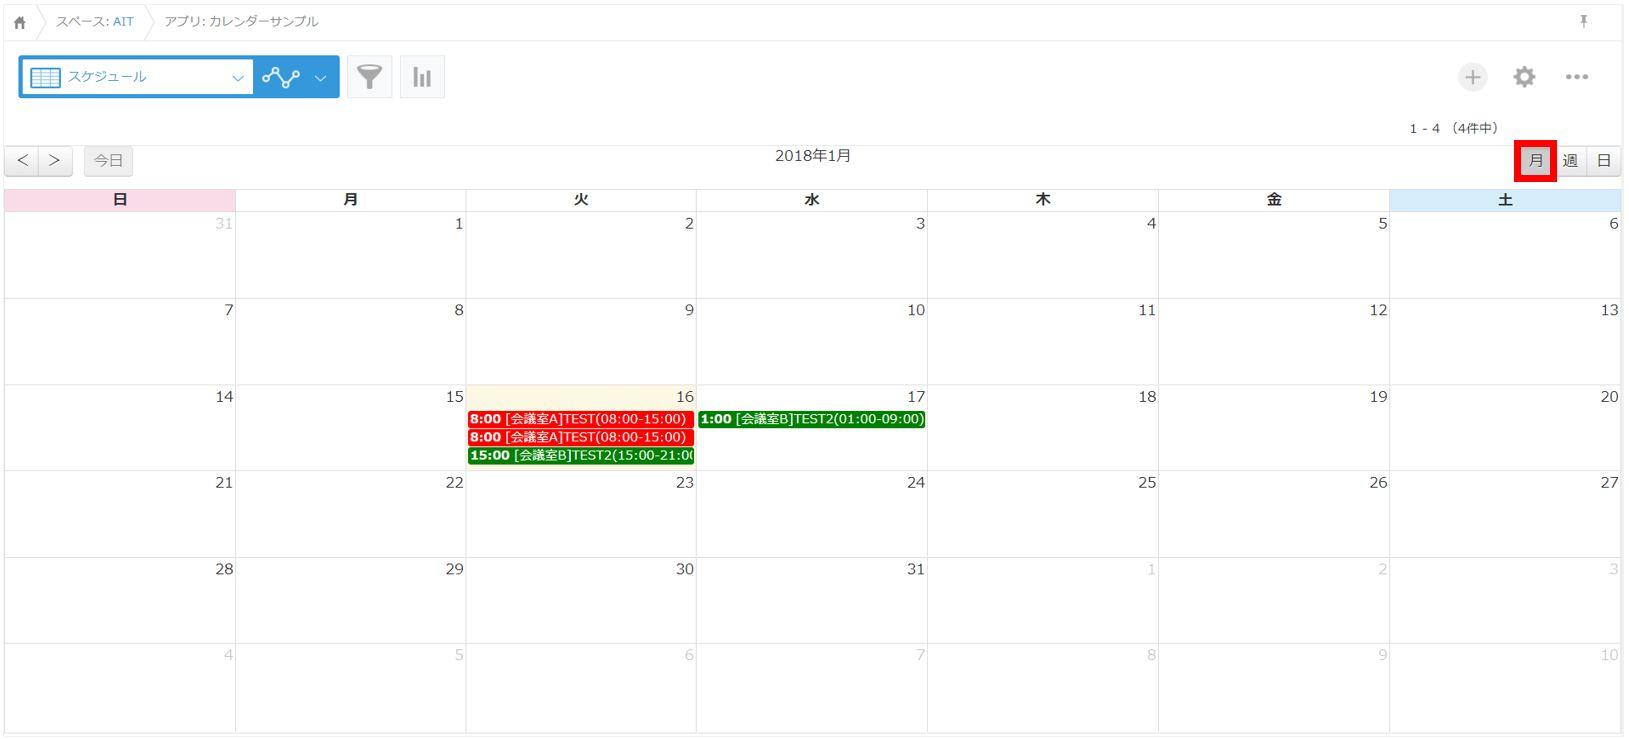 kintoneカレンダー形式月別表示(無償プラグイン)